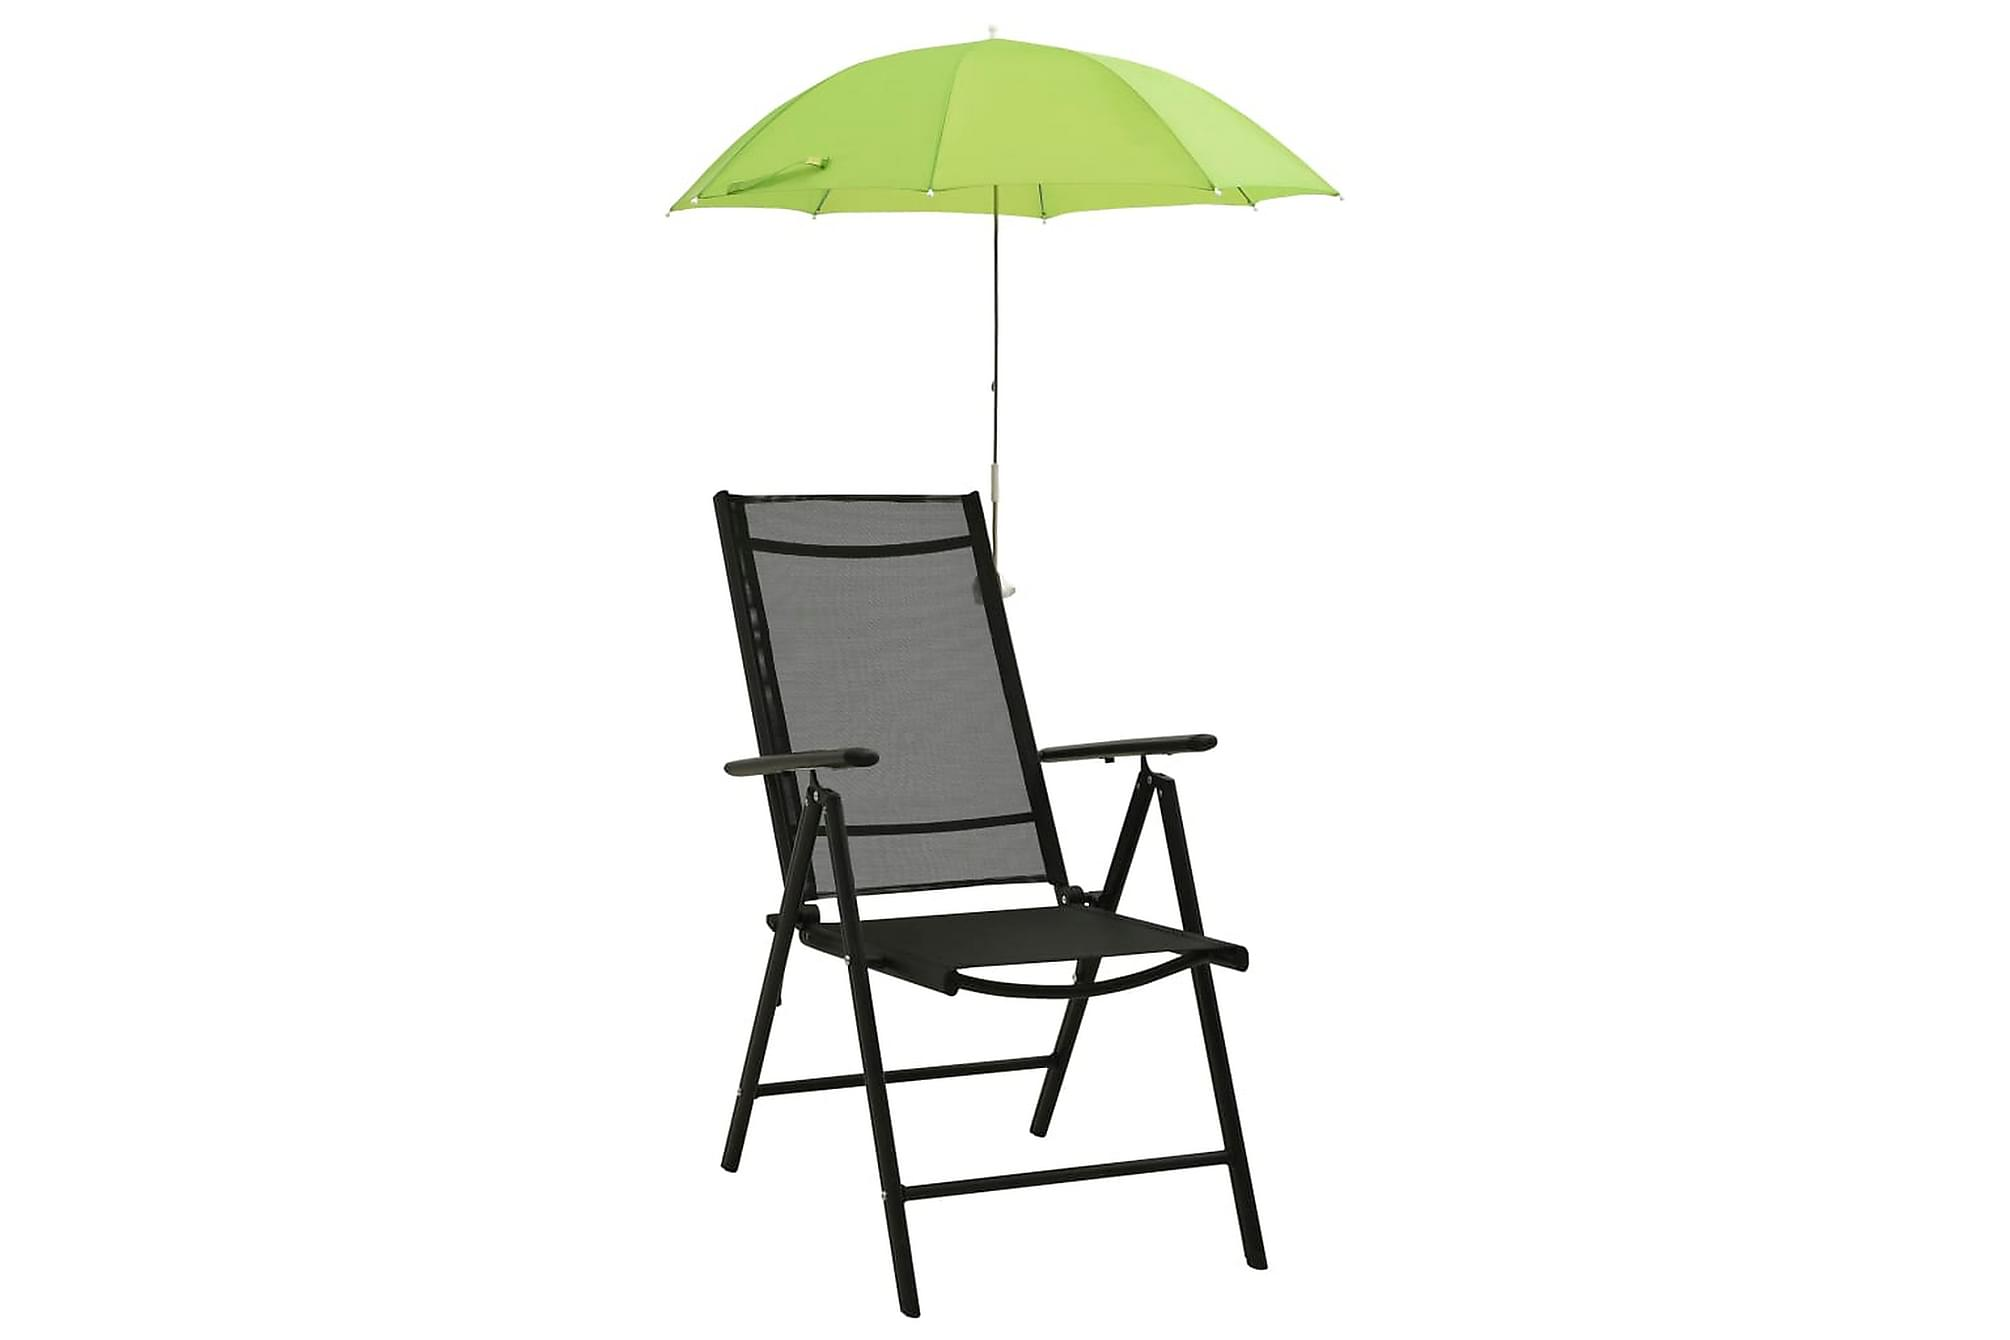 Parasoll till campingstol 2 st grön 105 cm, Parasoll